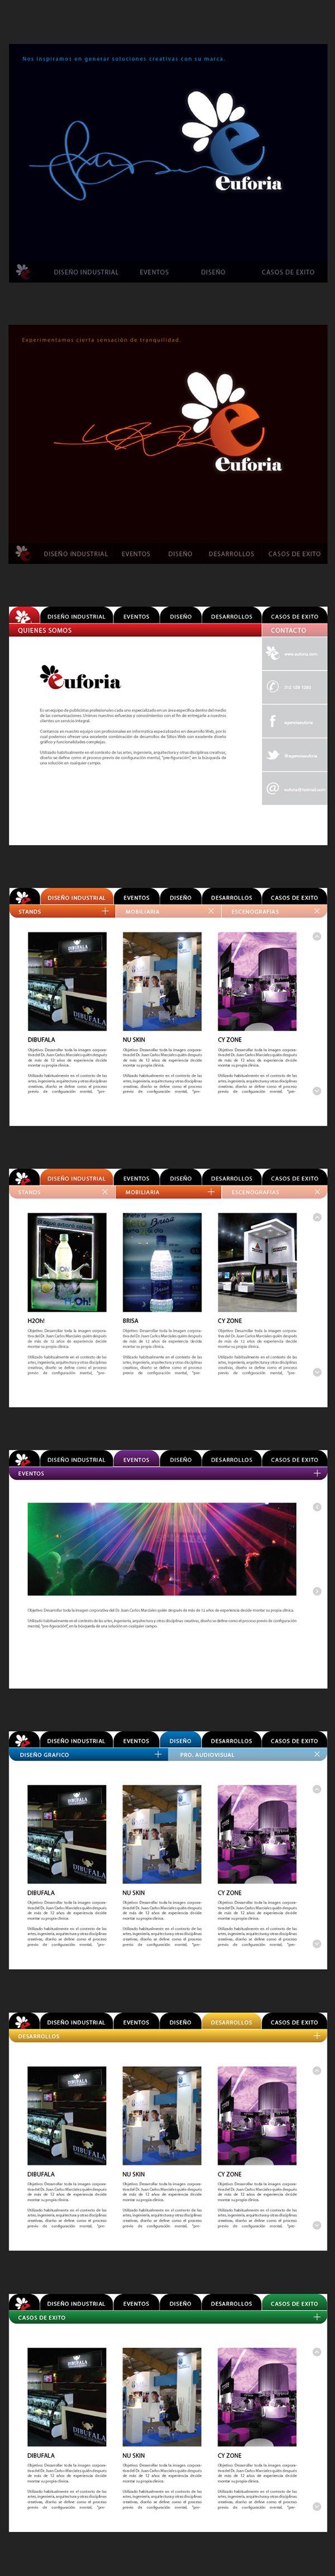 EUFORIA Soluciones Creativas // Propuesta Gráfica del Sitio Web